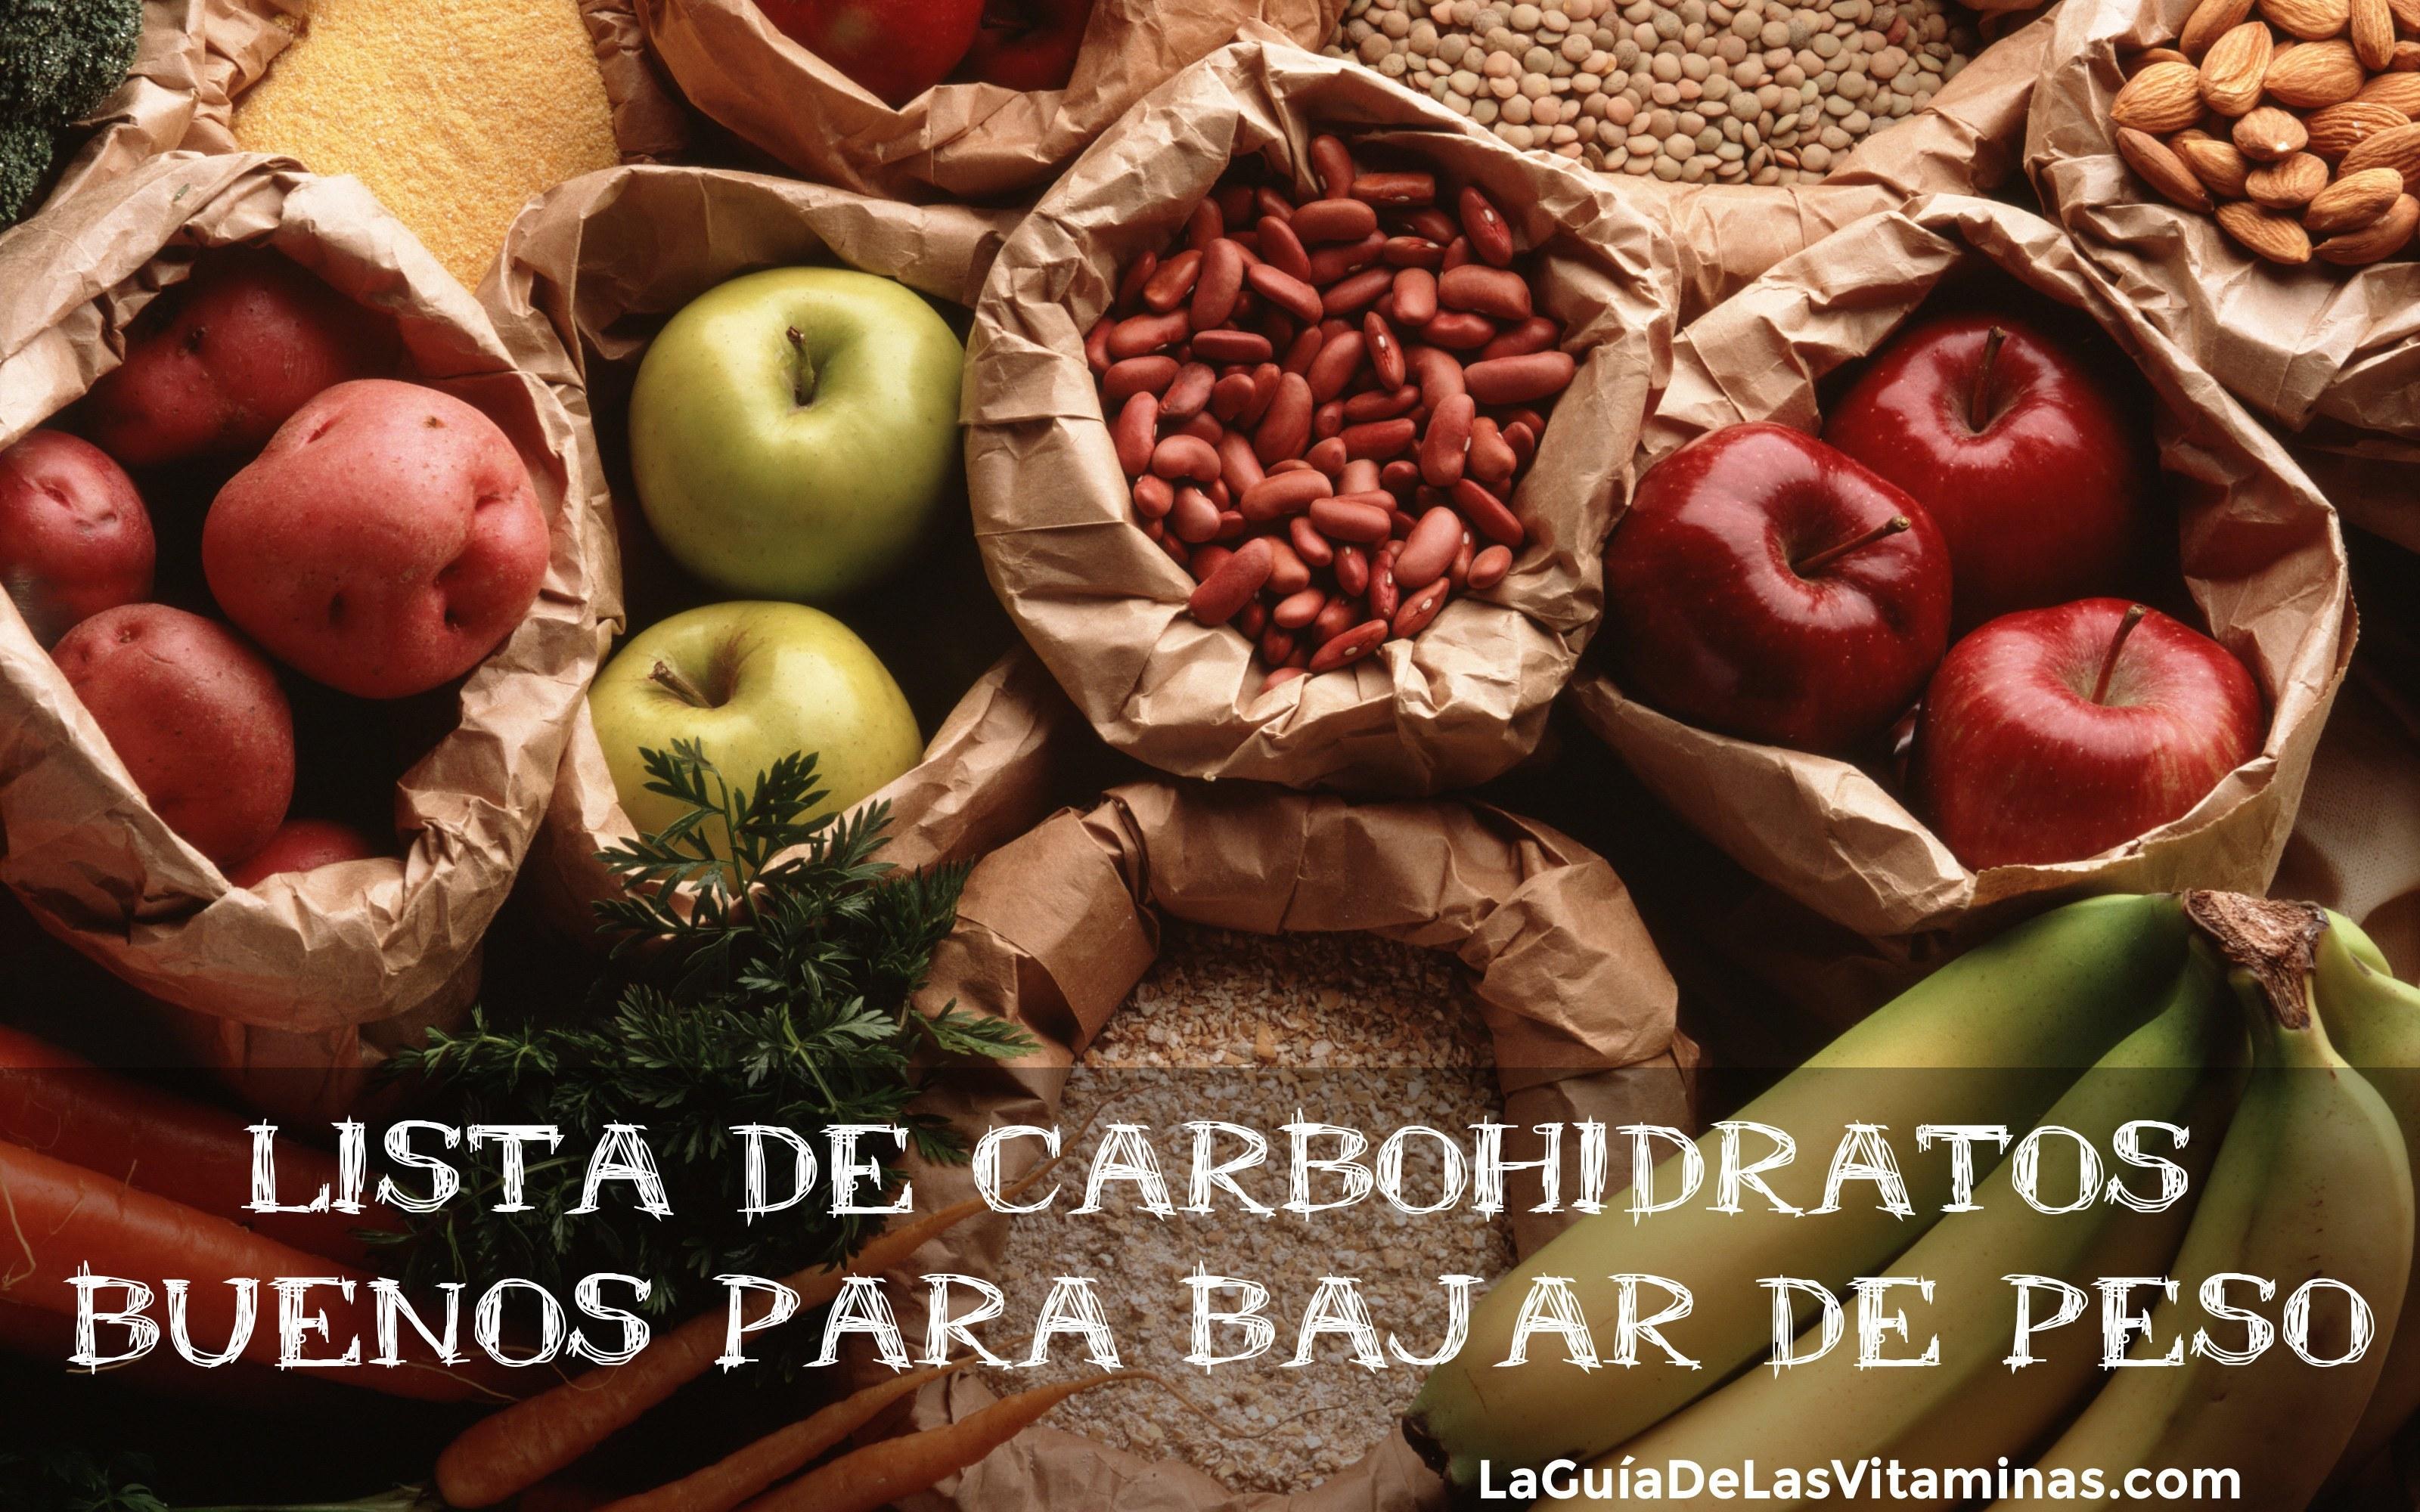 Carbohidratos buenos la guia de las vitaminas - Que alimentos contienen carbohidratos ...